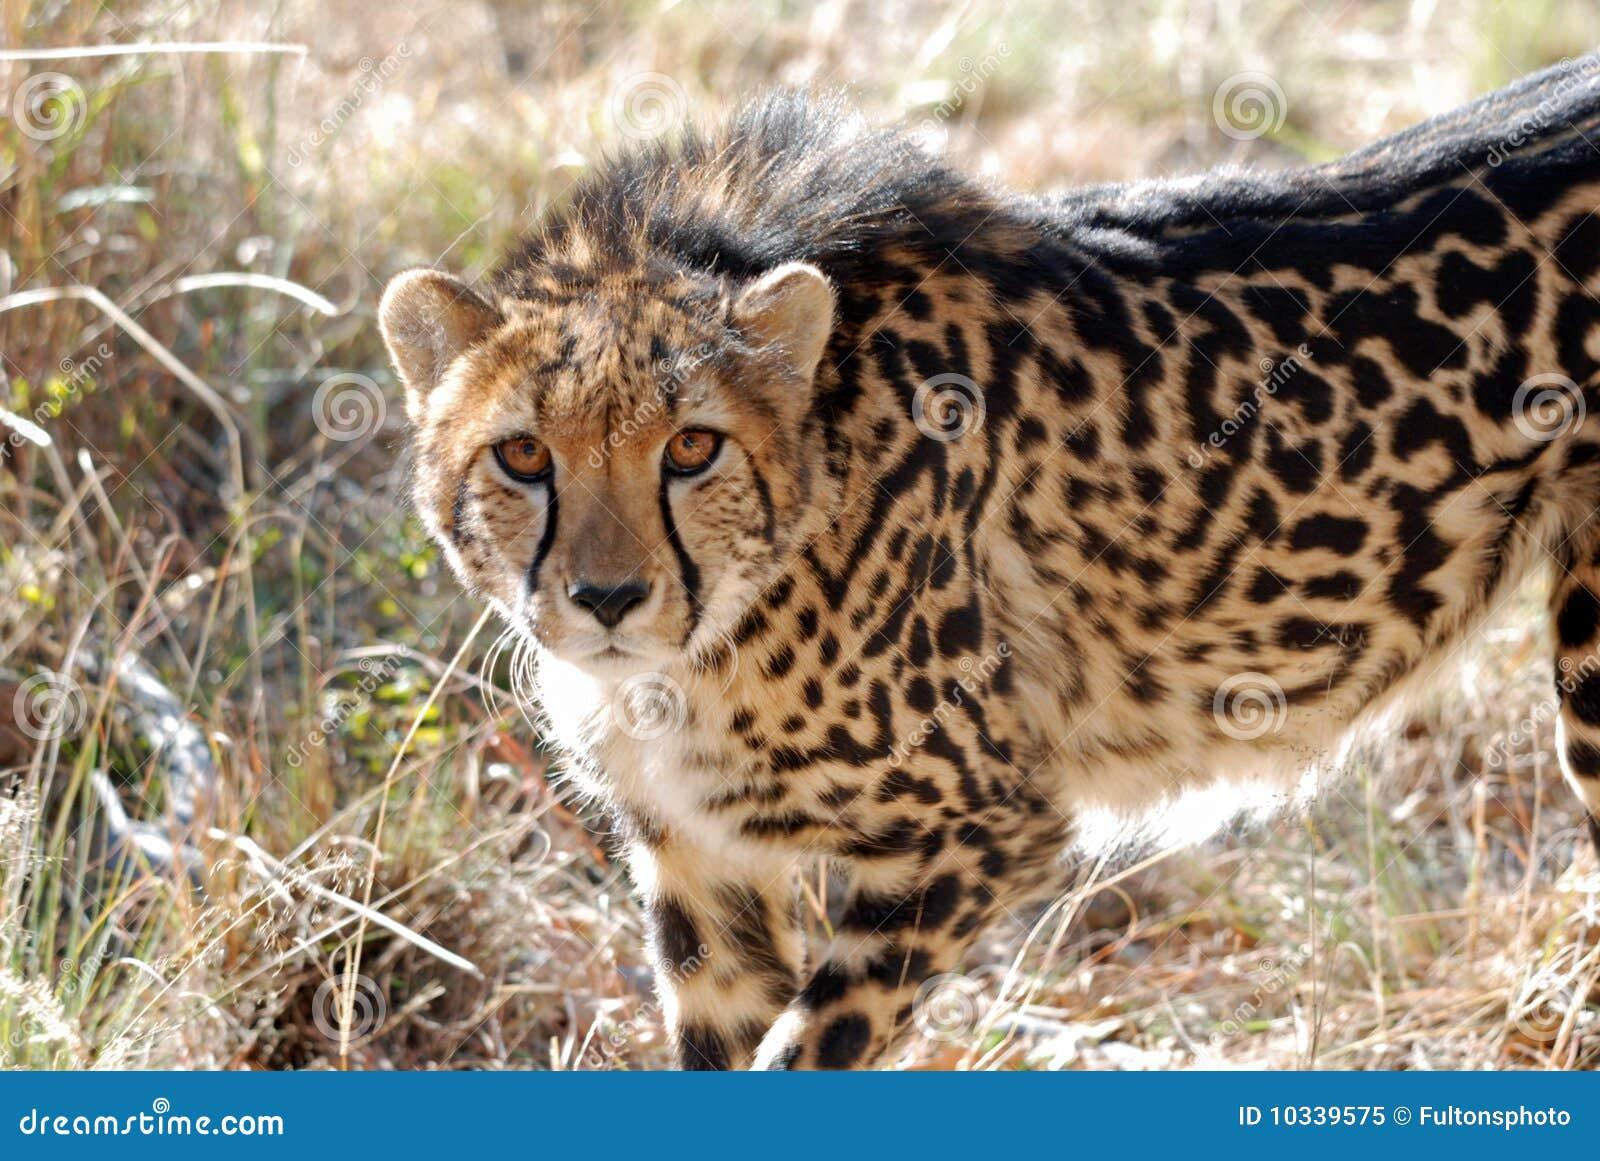 Un guepardo del rey que muestra su modelo único de la capa